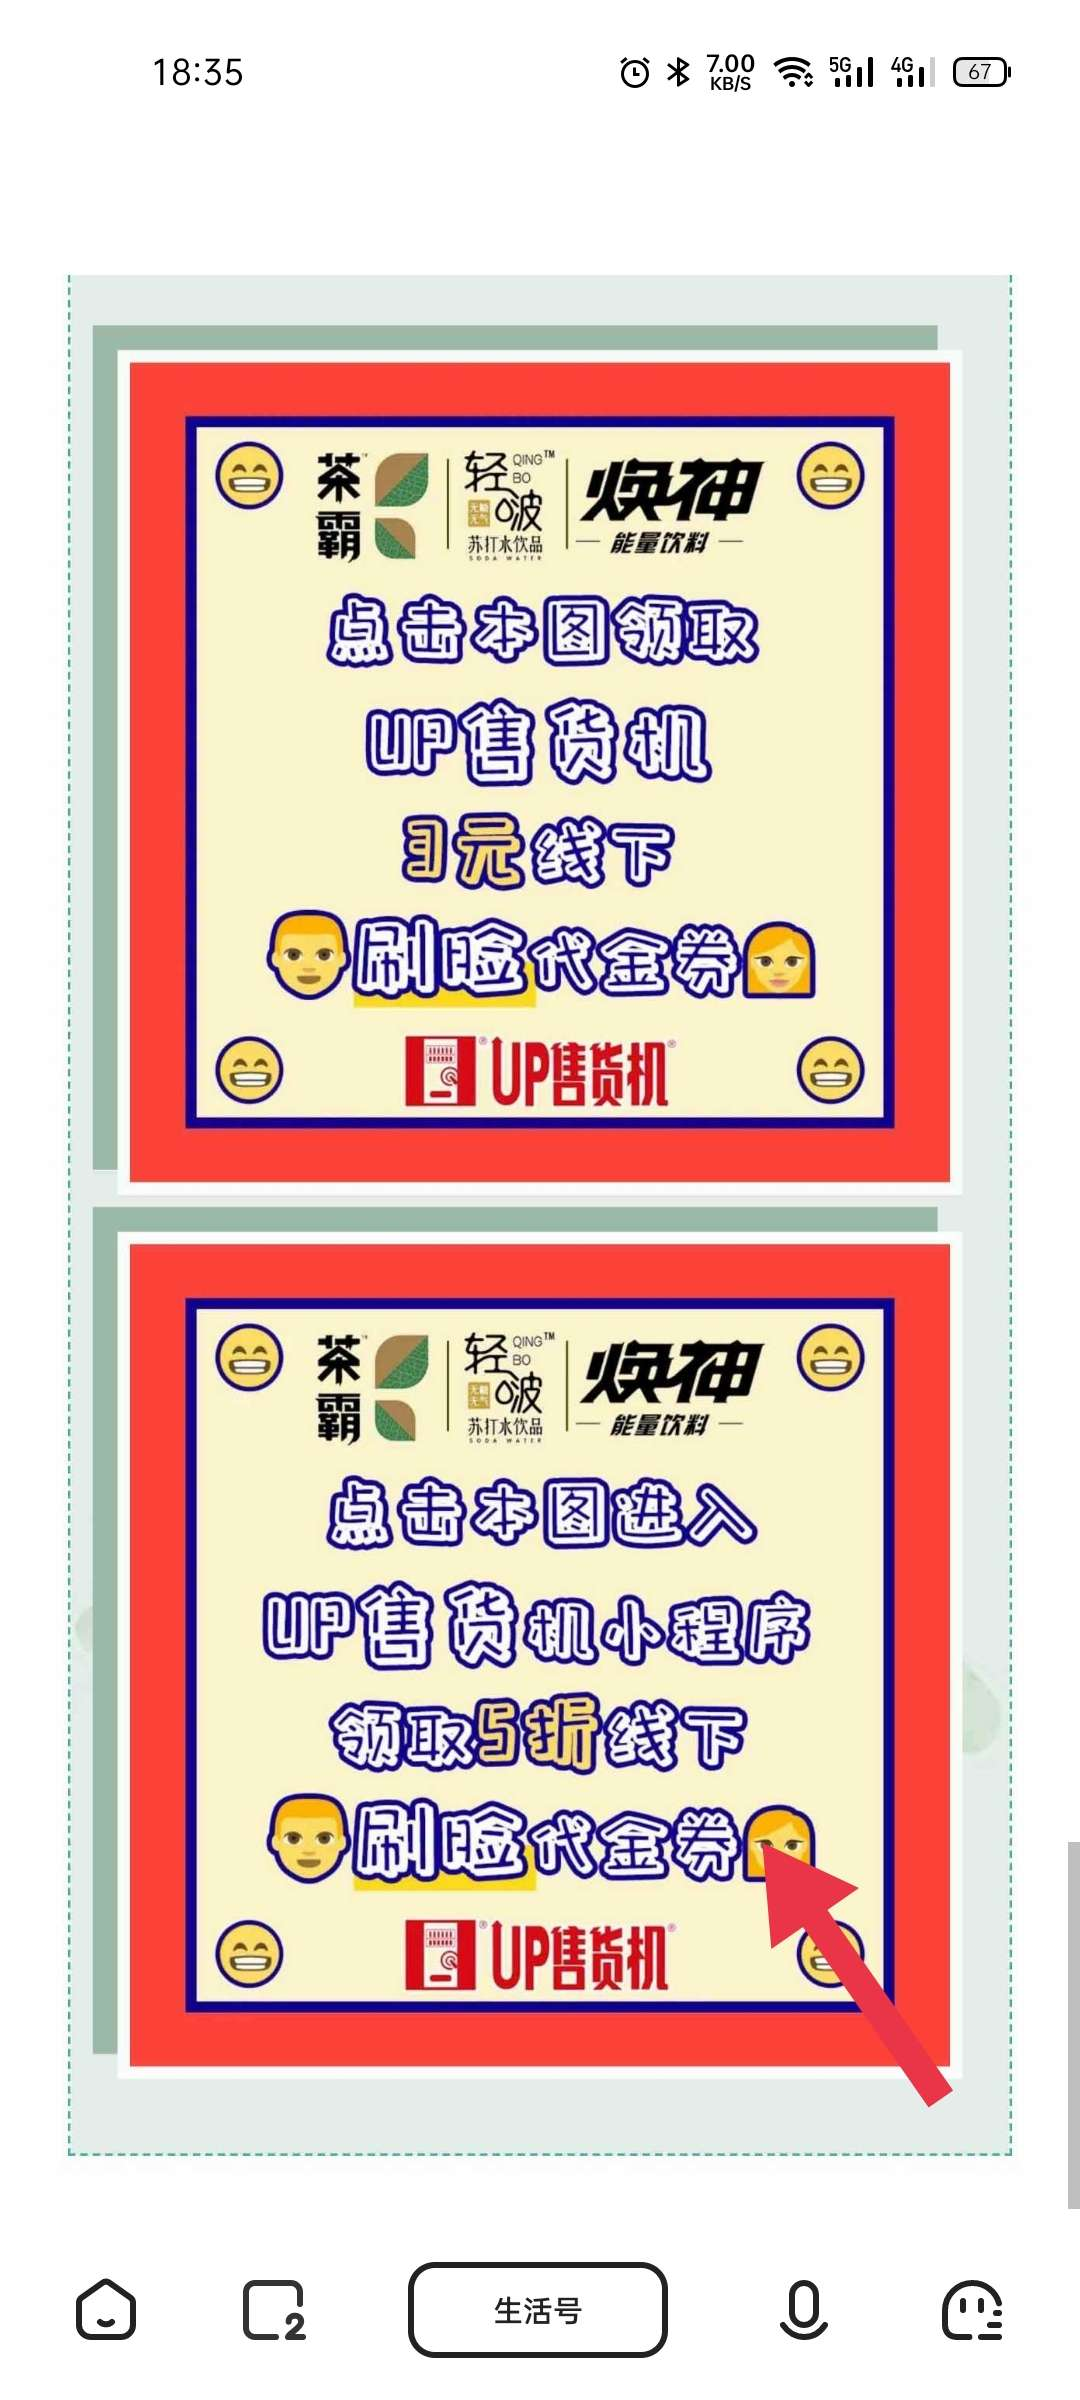 【虚拟商品】支付宝钱包免费领取UP自动售卖机5折券插图